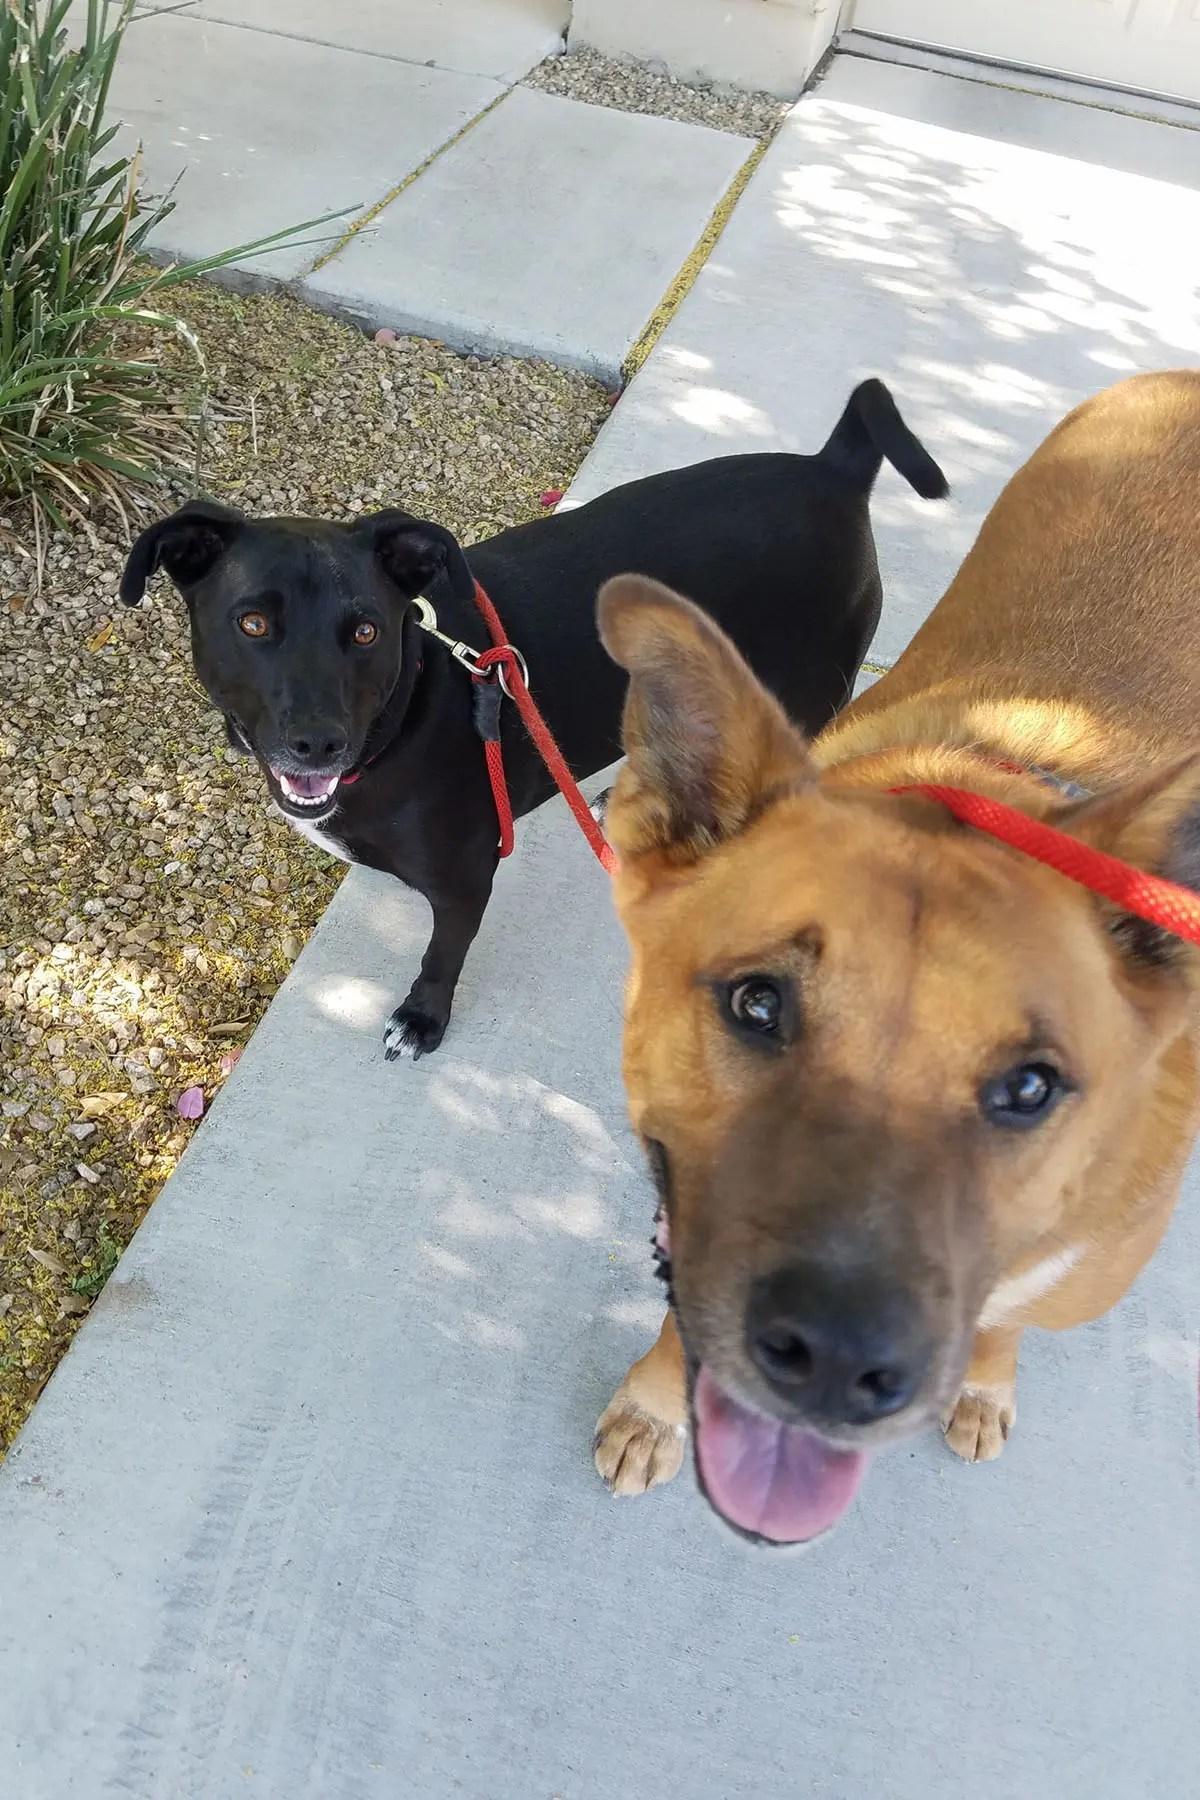 Black small dog and Brown big dog